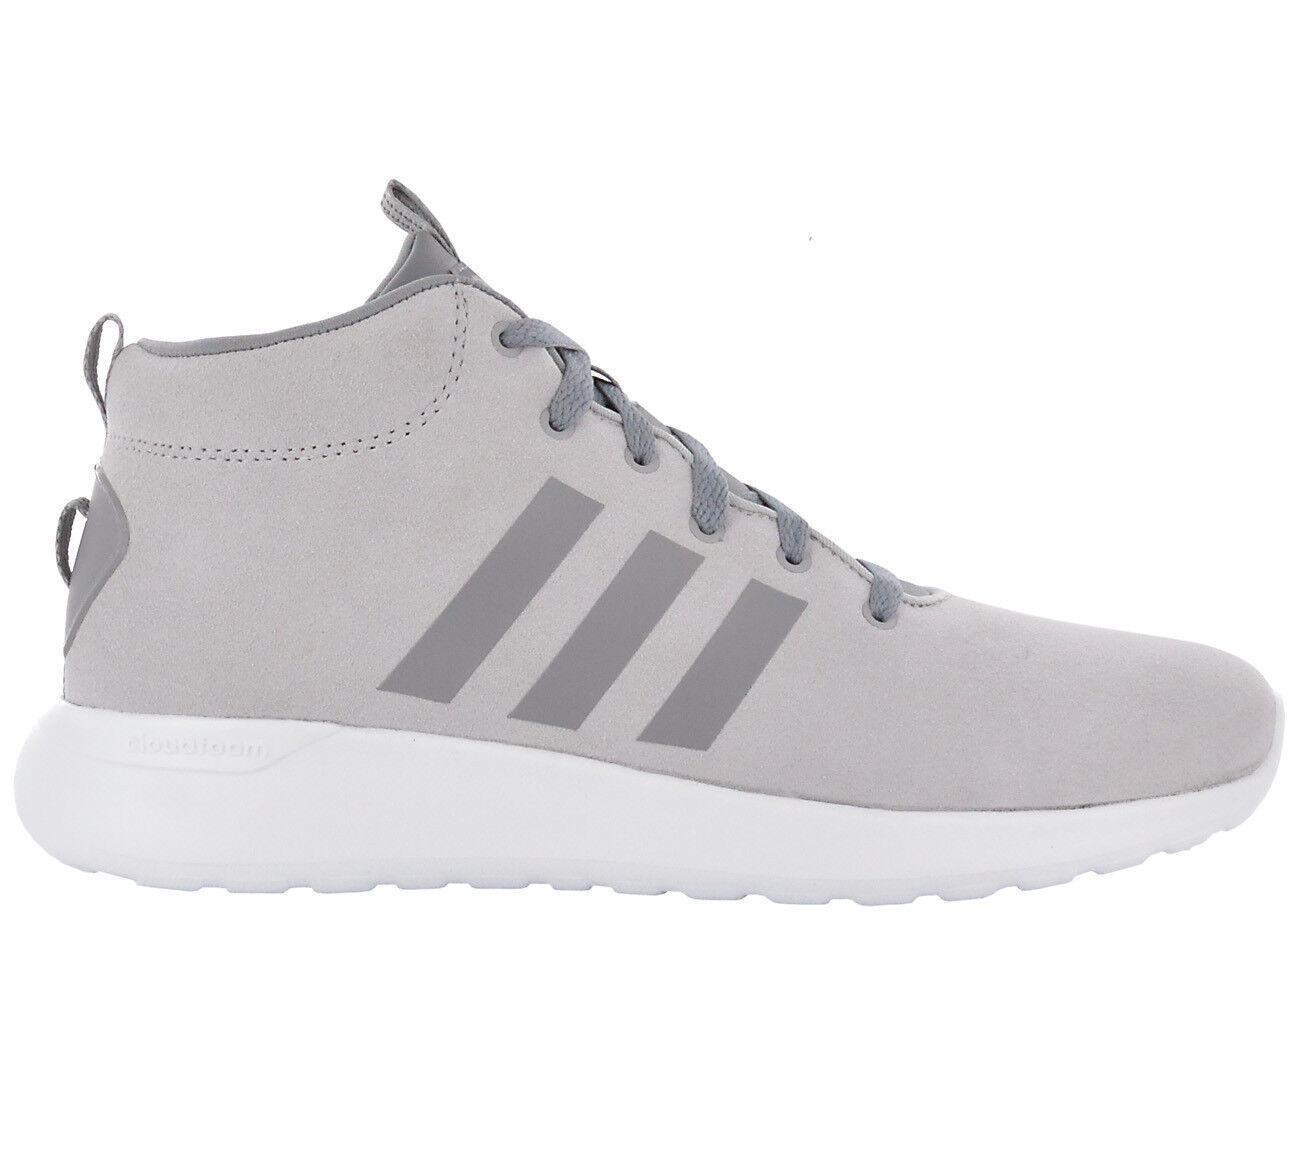 adidas cloudfoam lite racer metà di scarpe di pelle di scarpe da ginnastica maschile